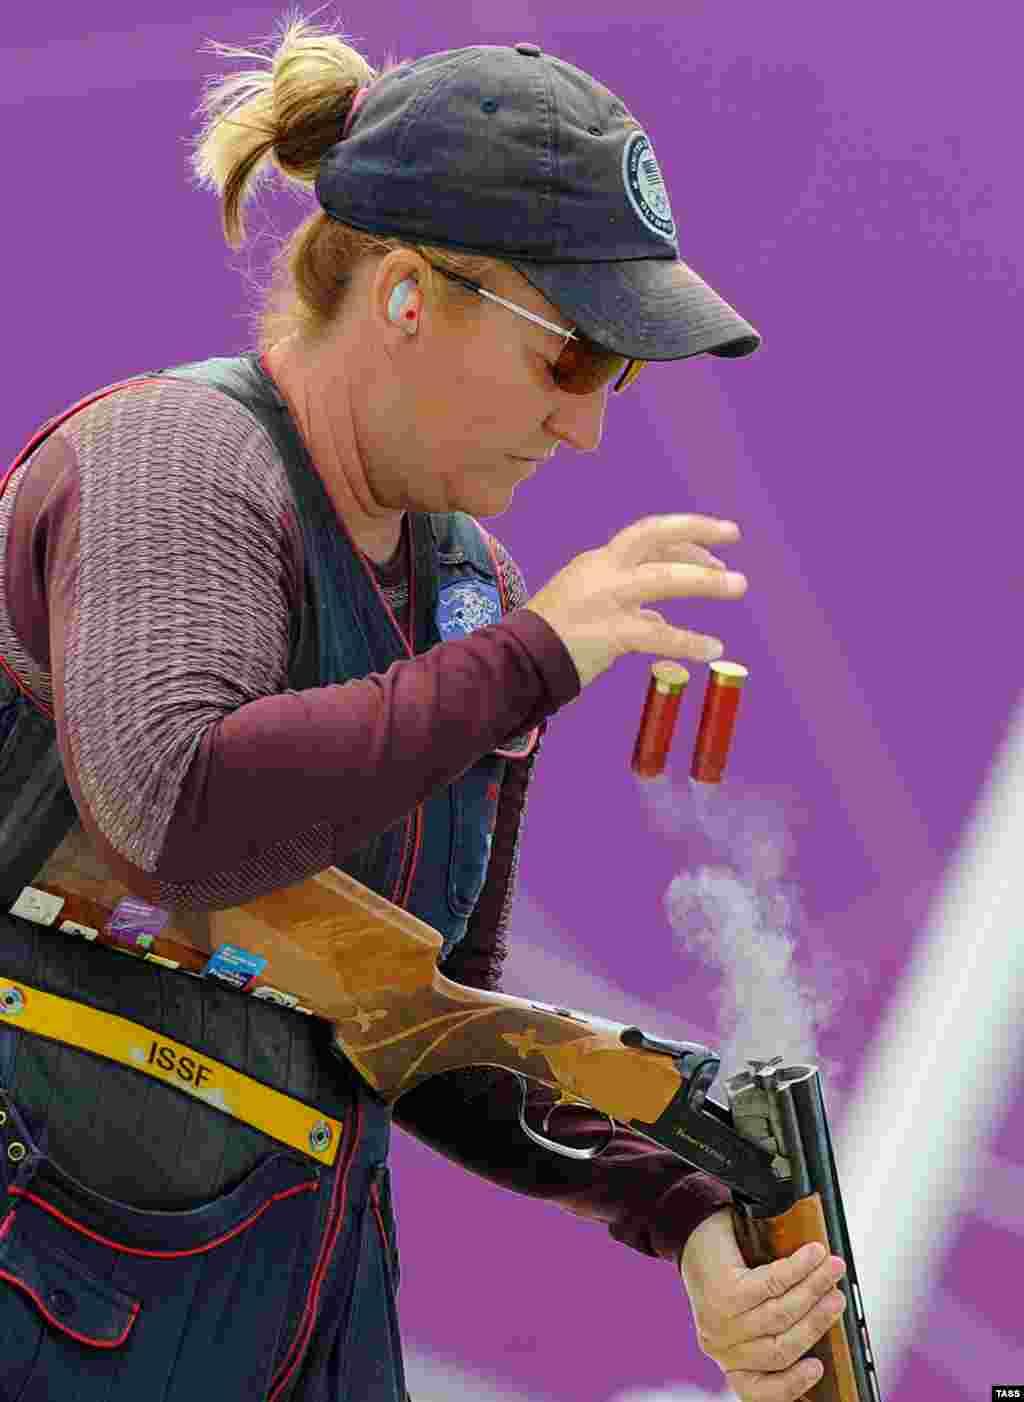 """Кимберли Род, победив в стендовой стрельбе в дисциплине """"скит"""", стала первой американской спортсменкой, завоевавшей медали на пяти Олимиадах подряд. 33-летняя Род выигрывала золото в Атланте и Афинах, бронзу в Сиднее и серебро - в Пекине."""